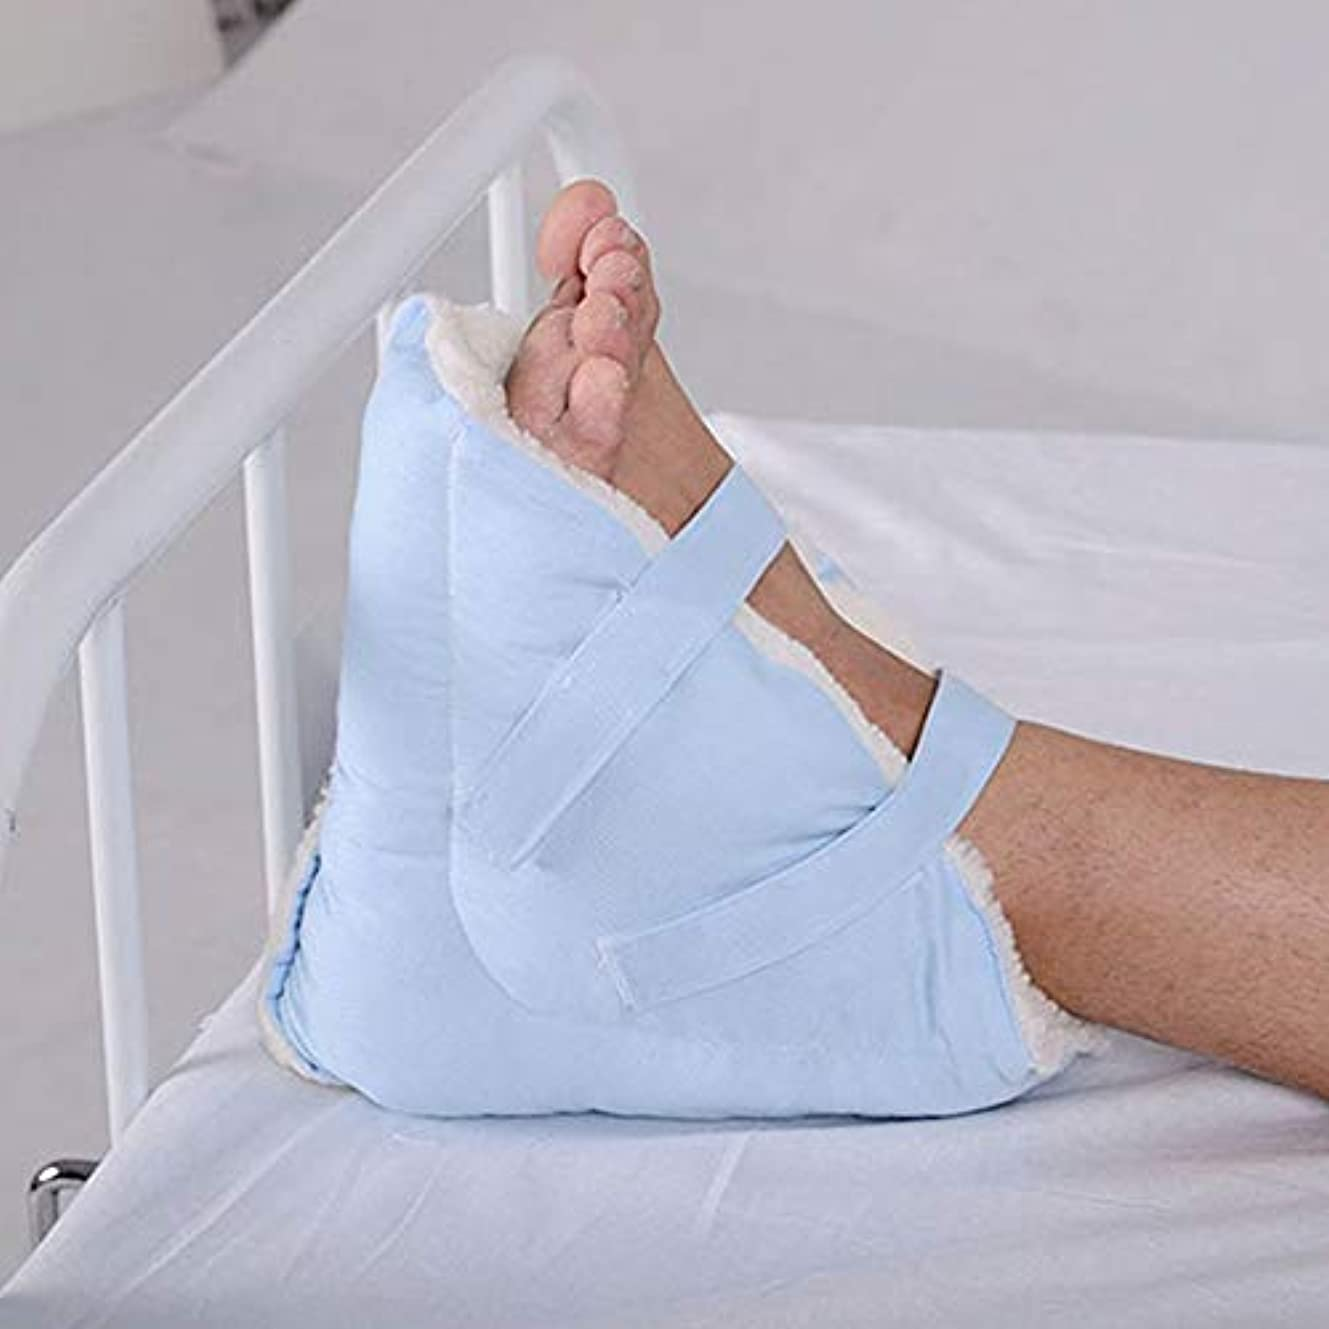 農業人里離れた電話する医療用ヒールクッションプロテクター - 足と足首の枕ガード1組   - 合成 ラムスウールフリースパッド入り - 圧力開放